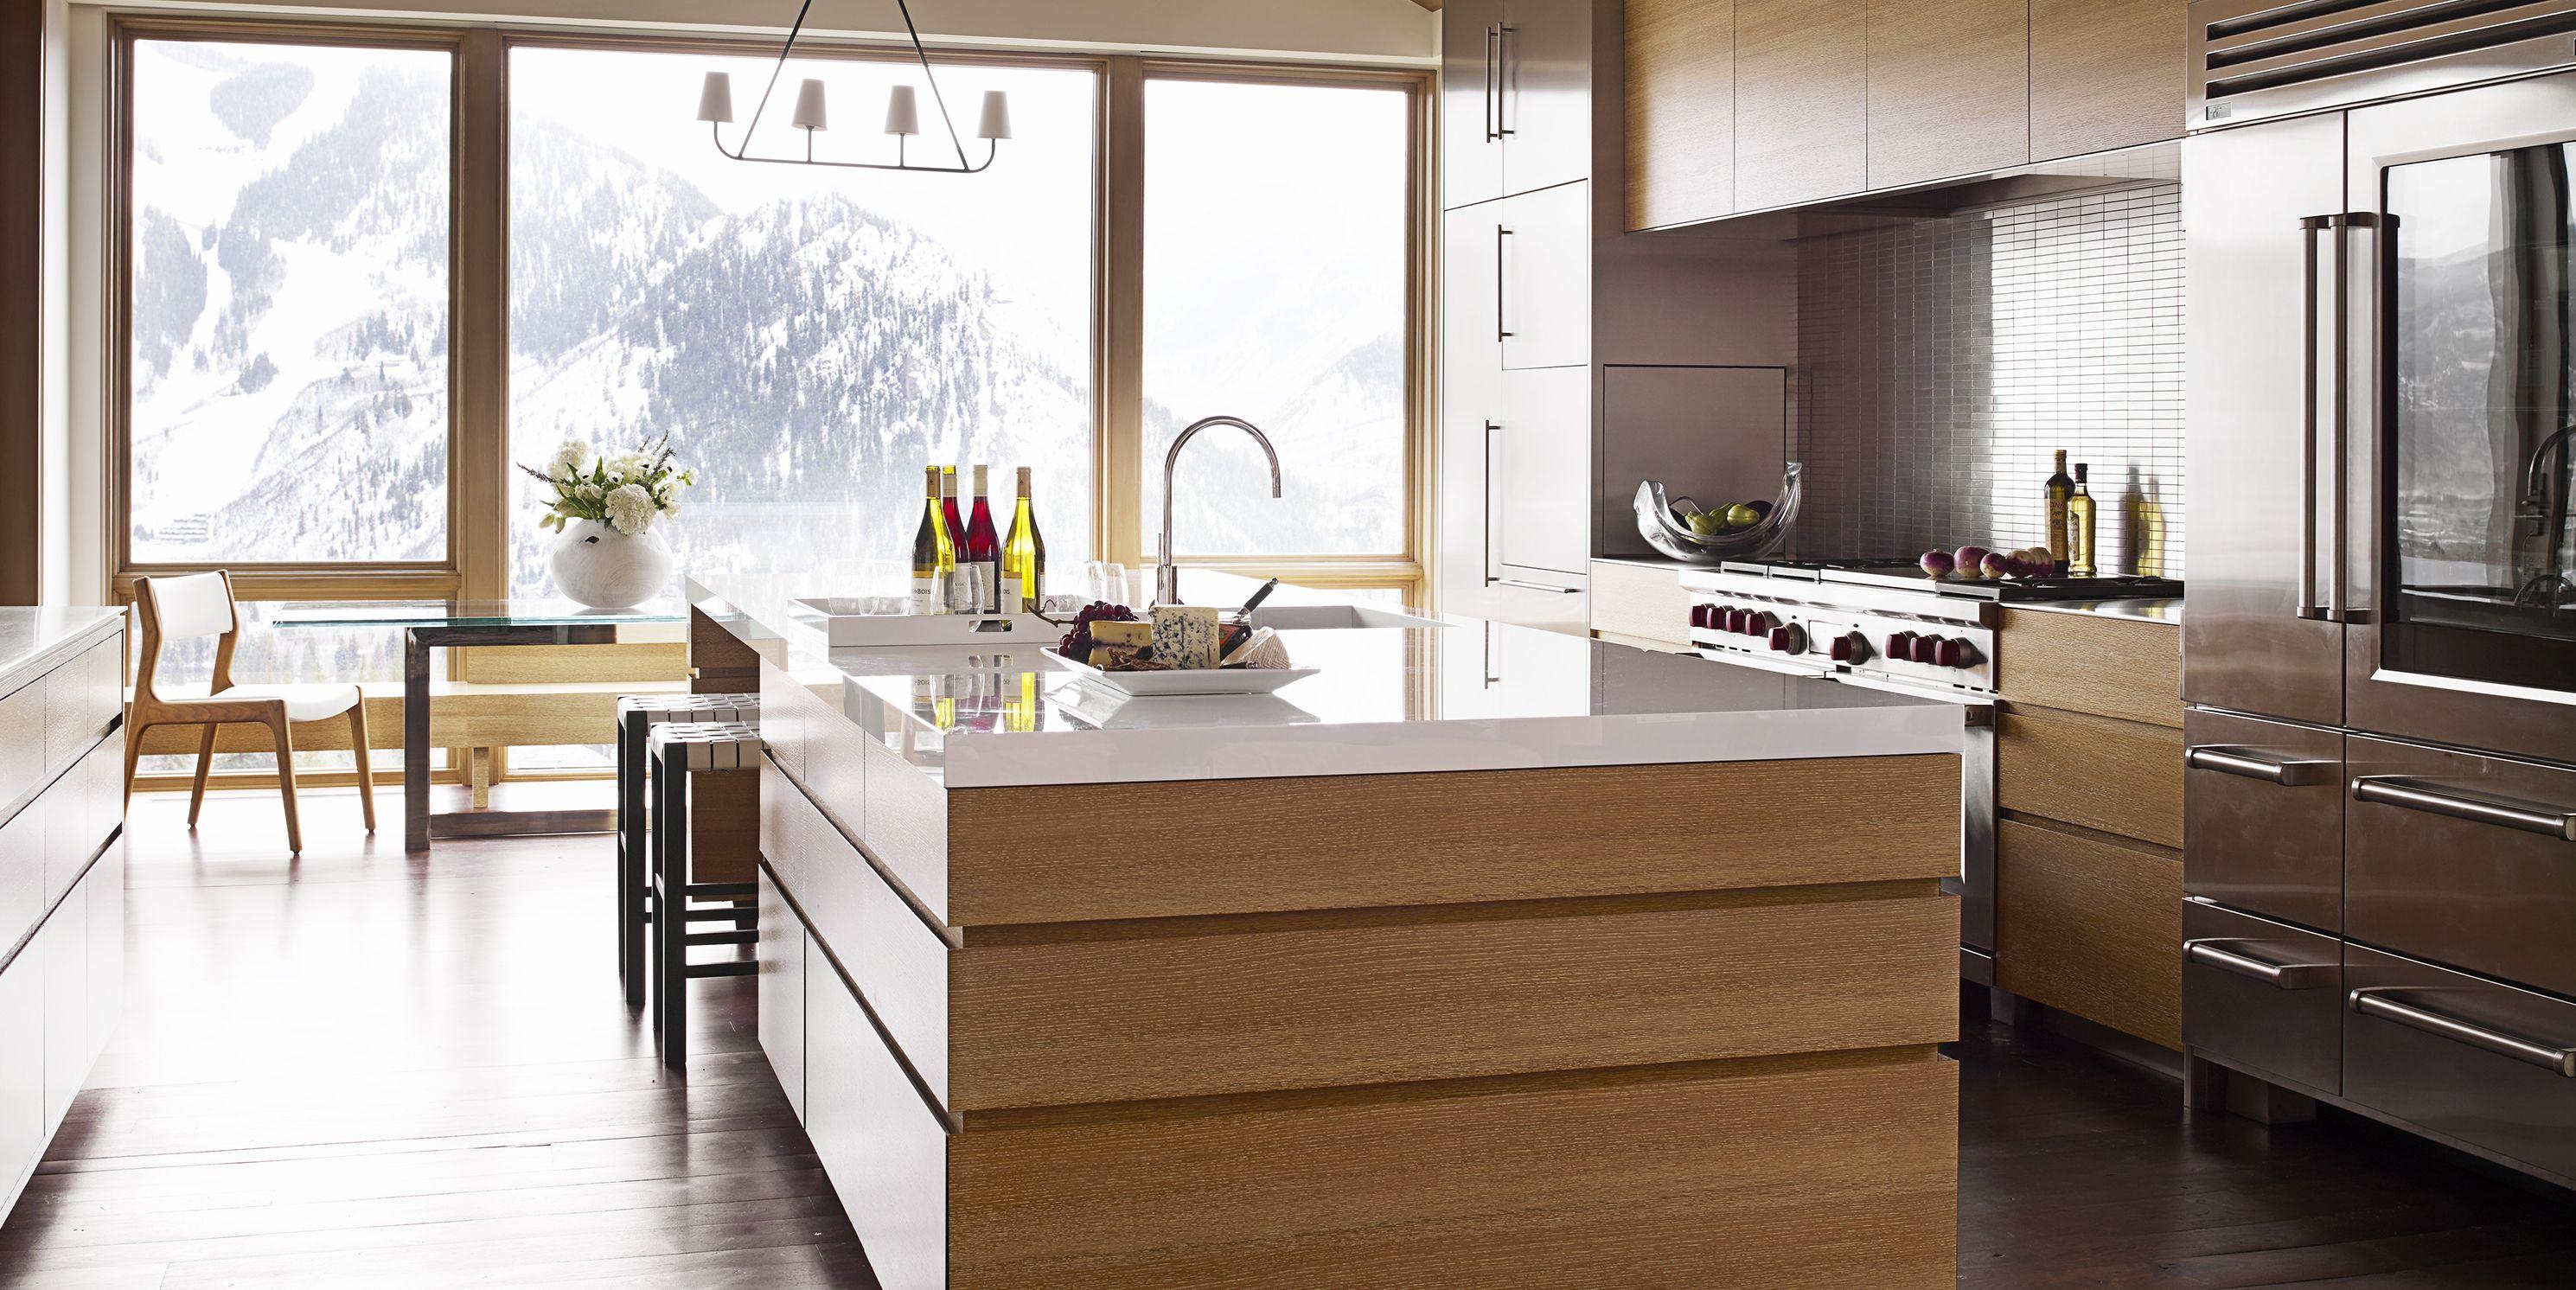 Interior Design Kitchen Ideas | 40 Kitchen Decorating Ideas Modern Rustic Kitchen Decor Ideas